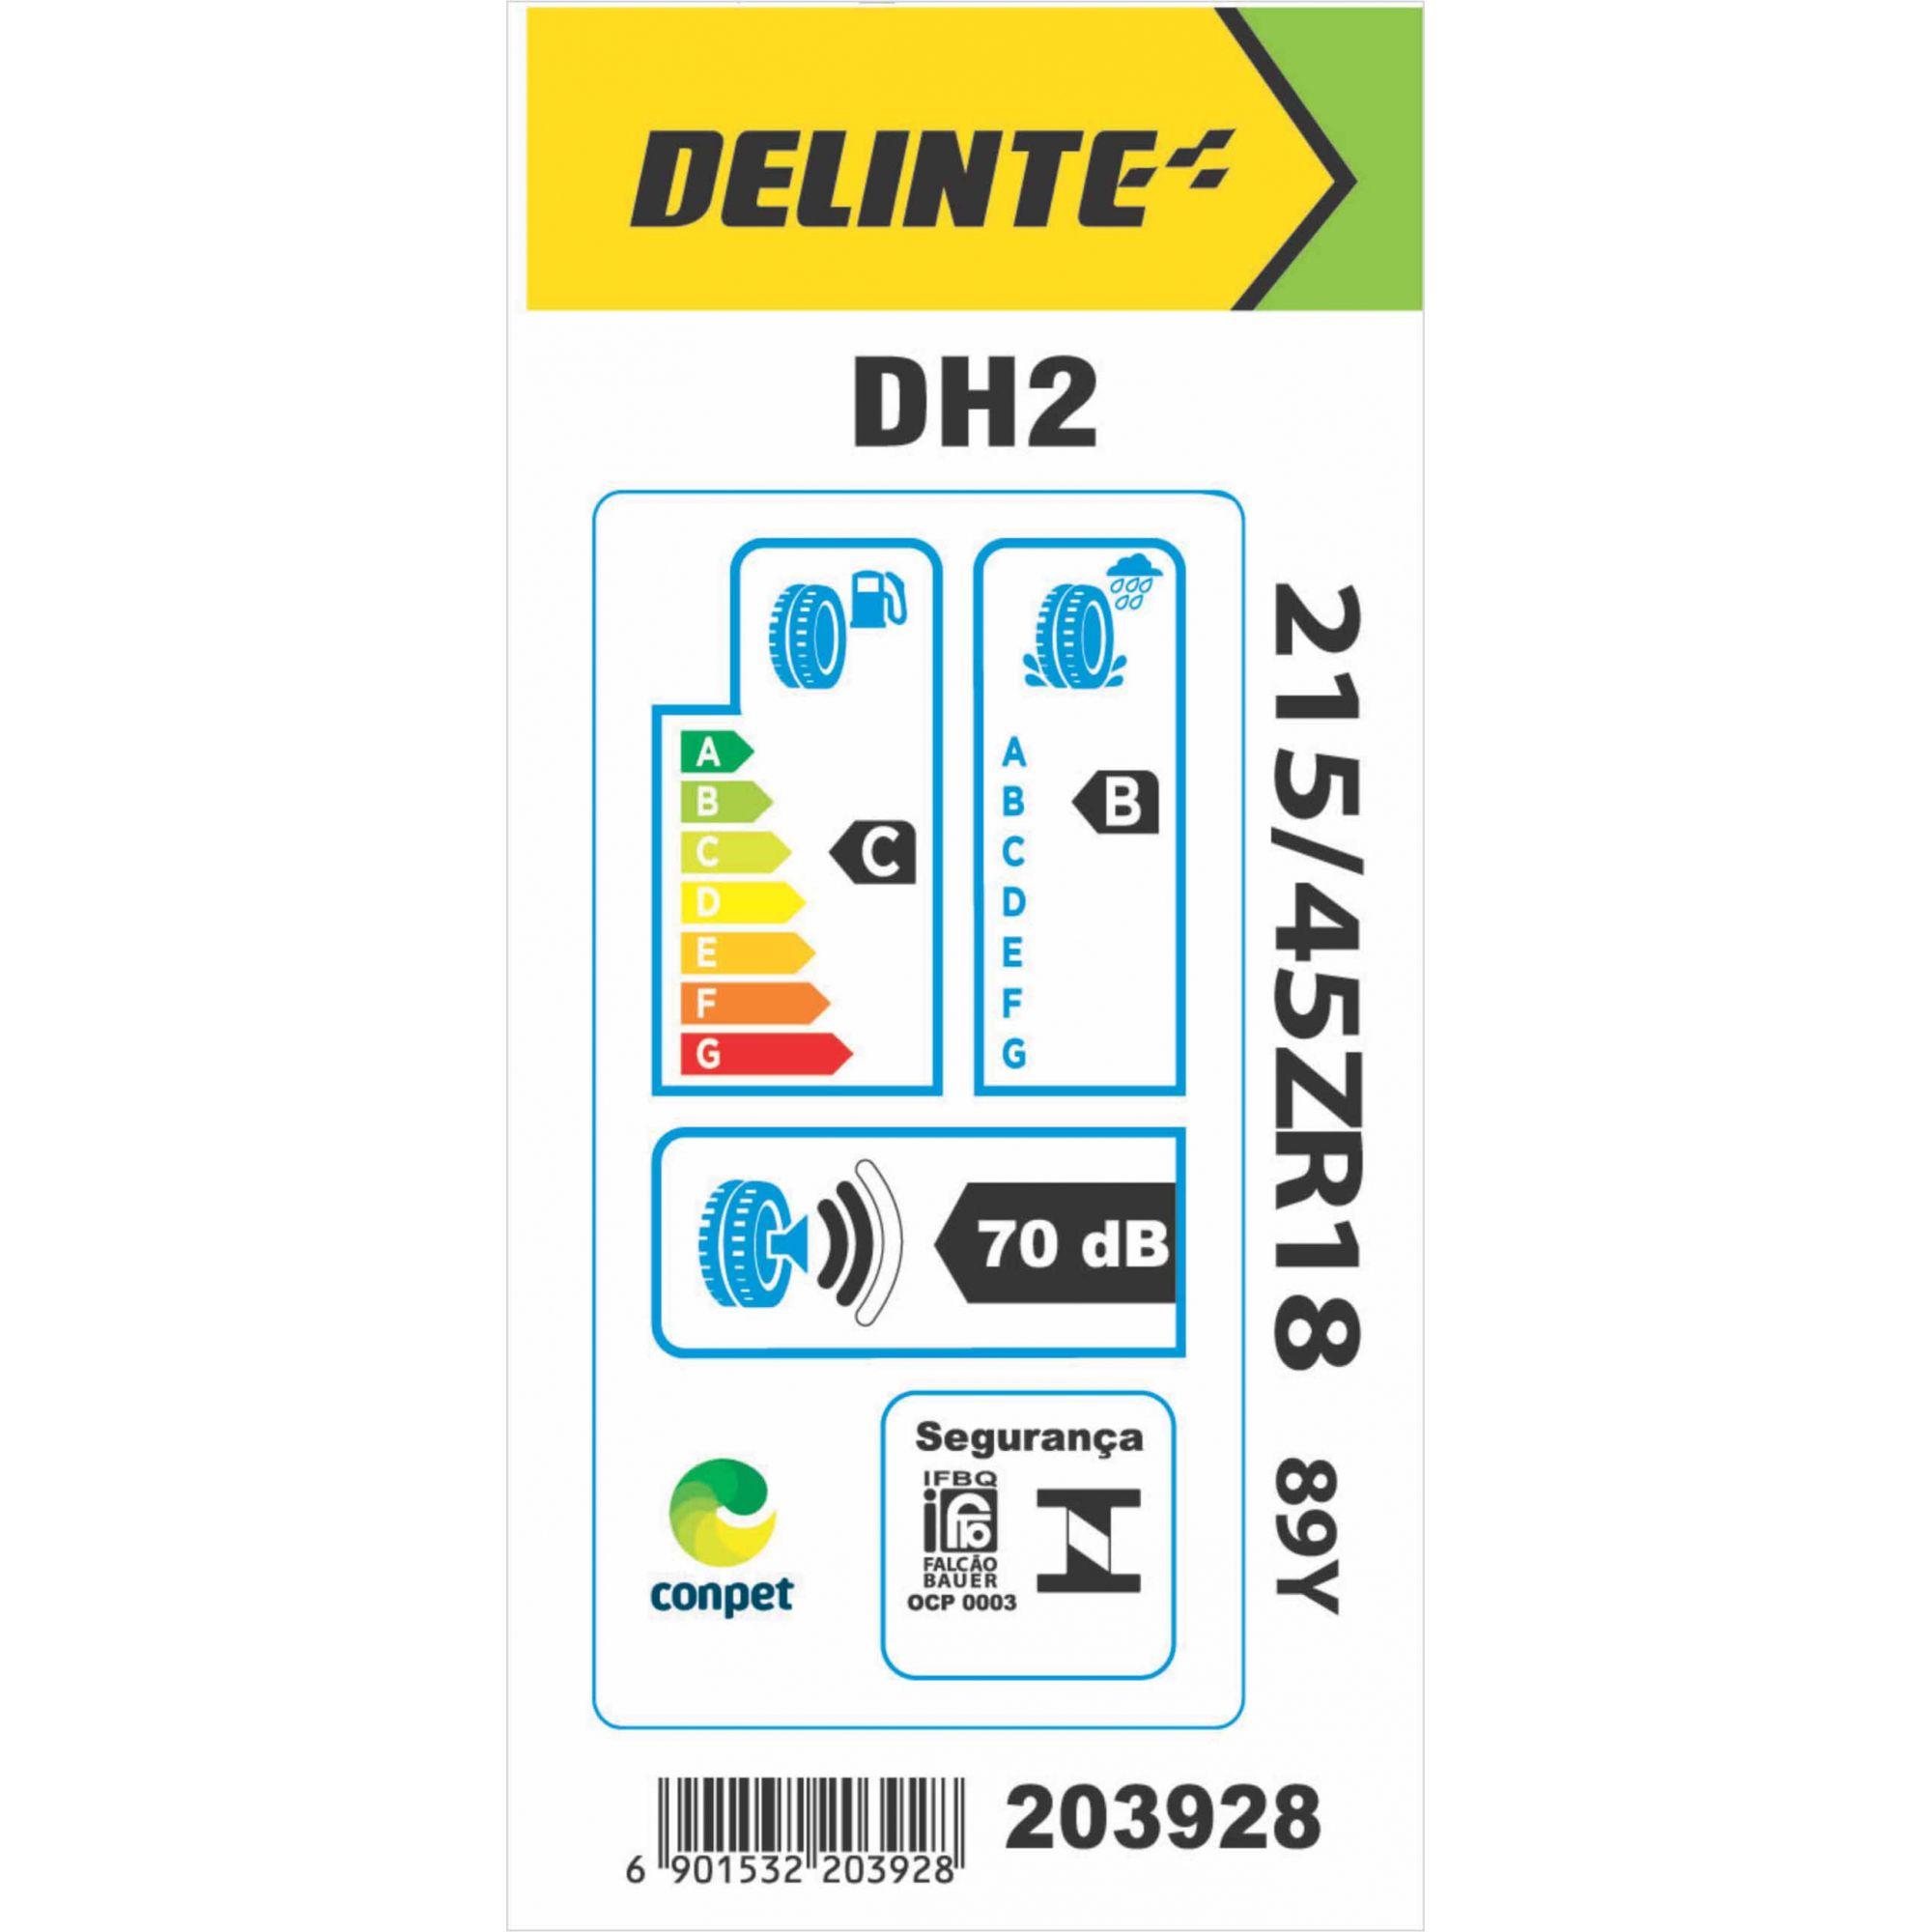 Pneu 215/45R18 Delinte DH2 89Y